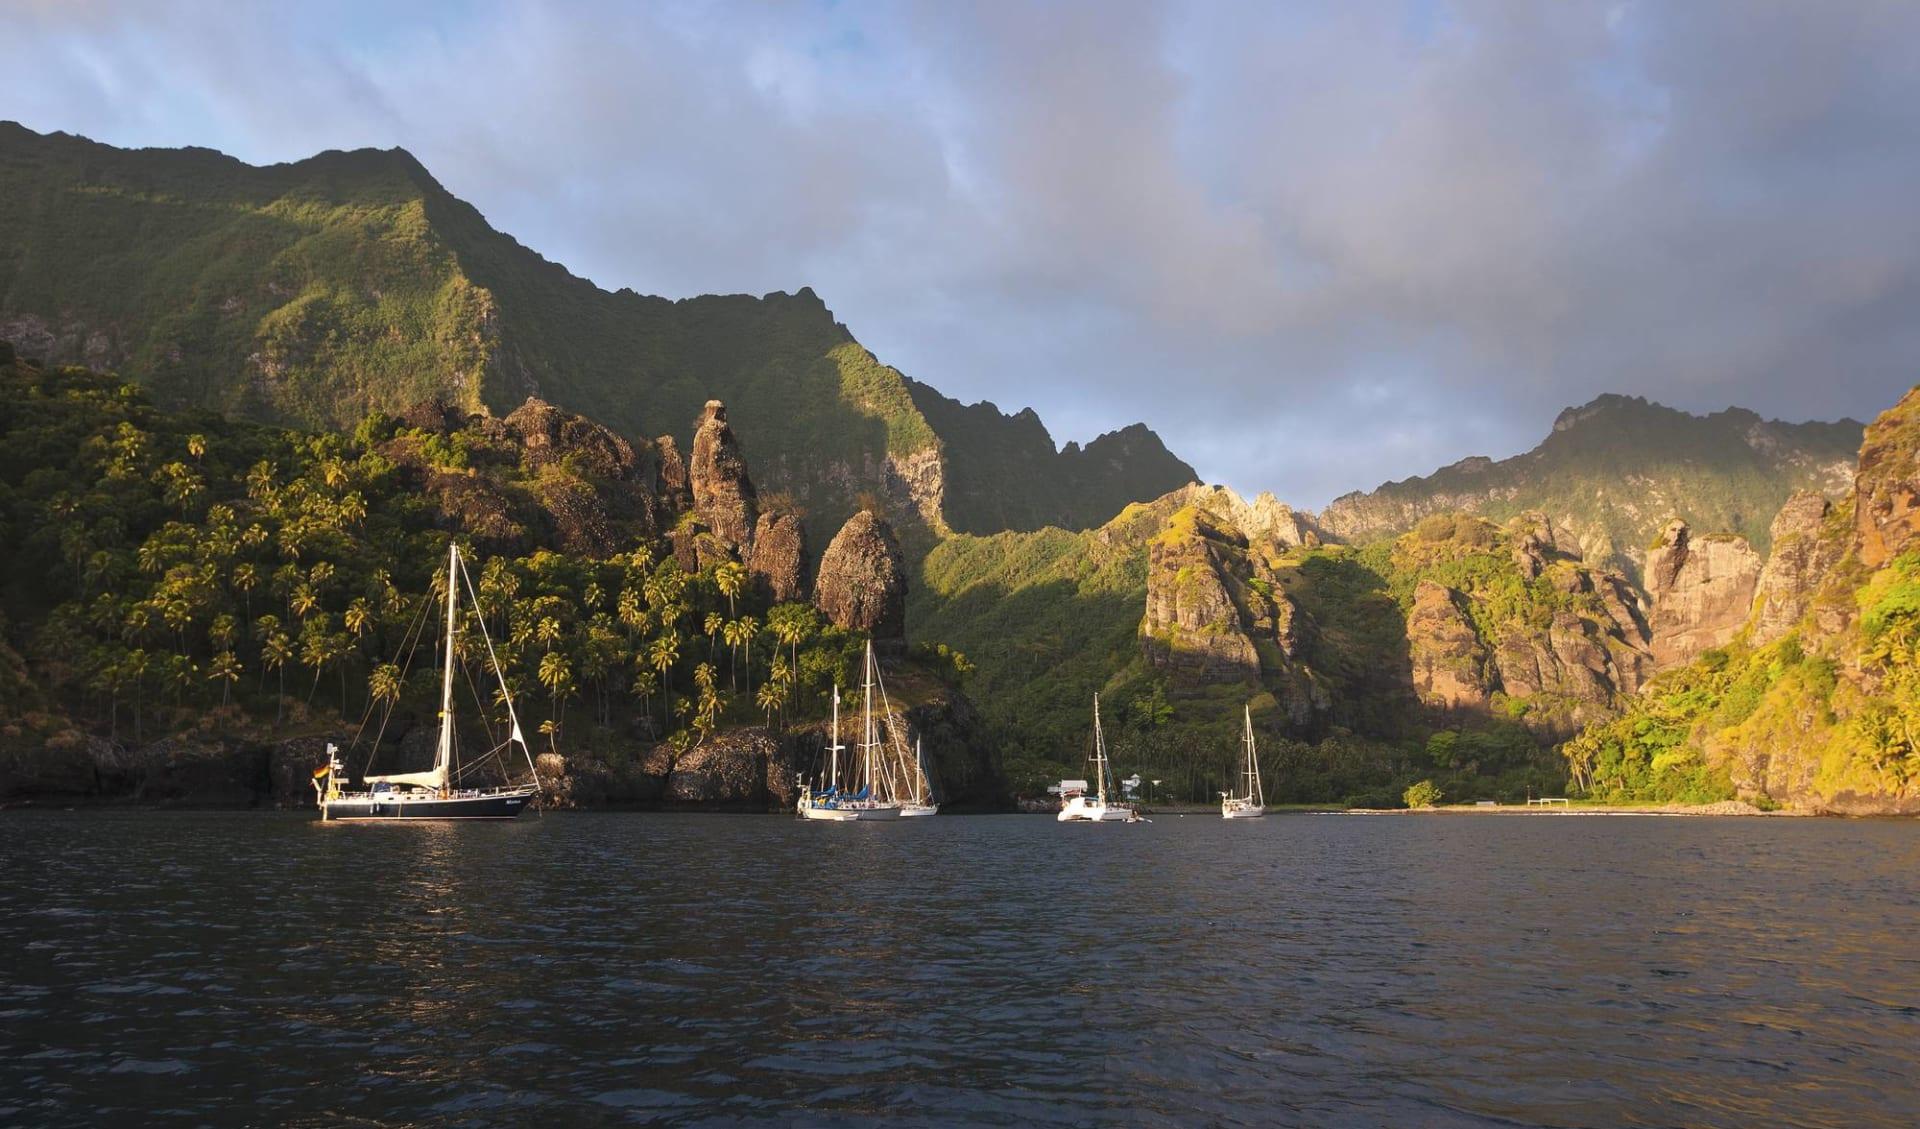 Marquesas Discovery ab Papeete: Französich Polynesien - Marquesas - Bucht mit Segelbooten